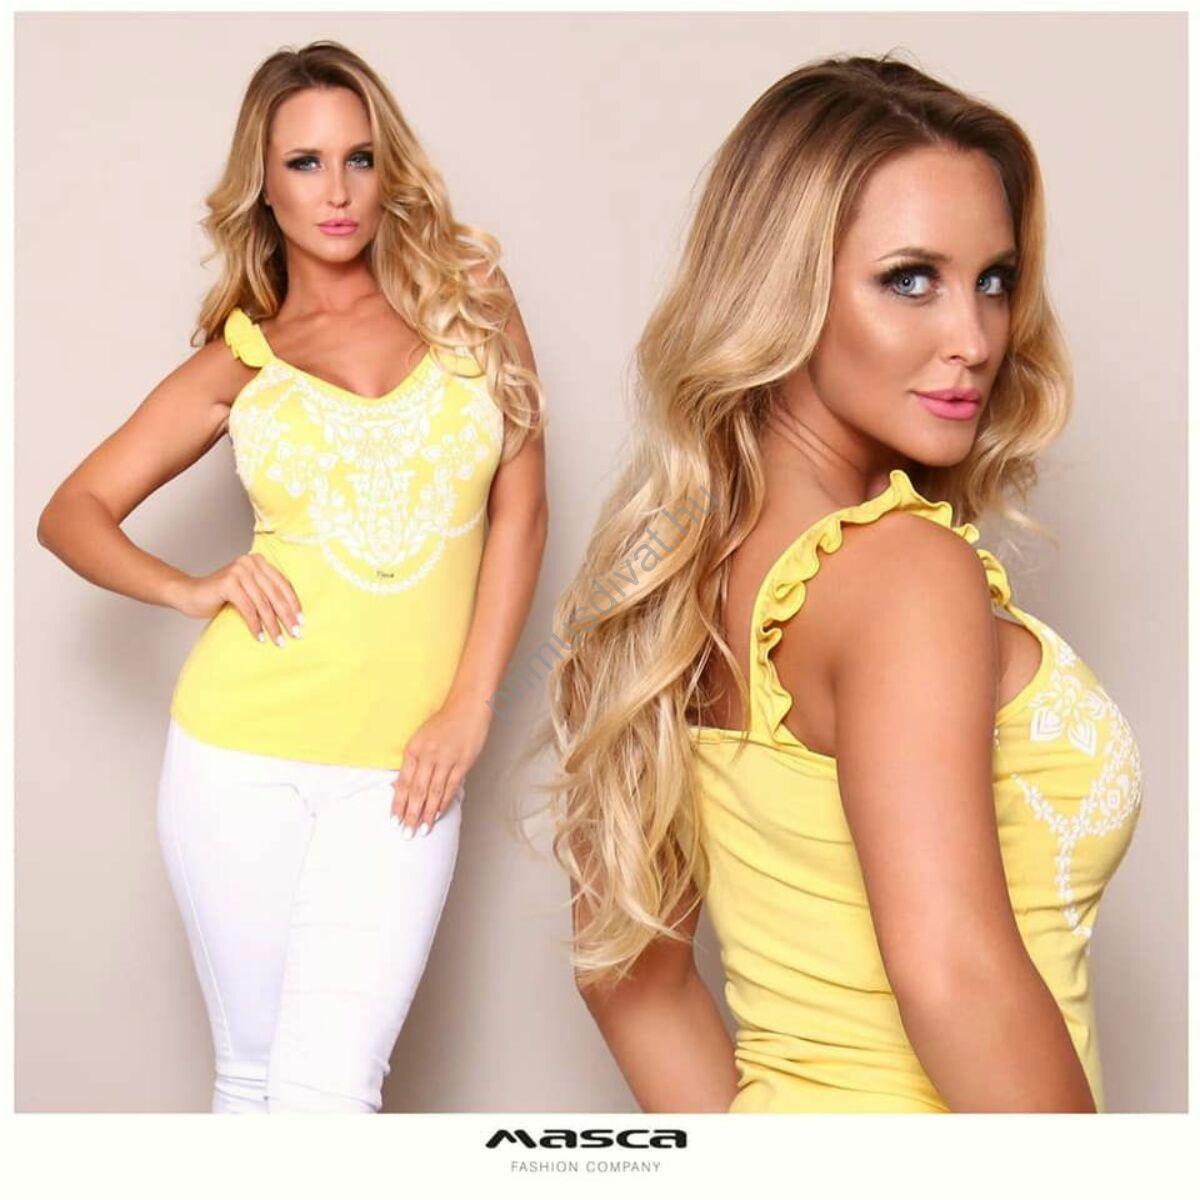 Masca Fashion fodorszegélyes pántos ujjatlan szűk sárga felső, elején nyomott fehér növénymintával